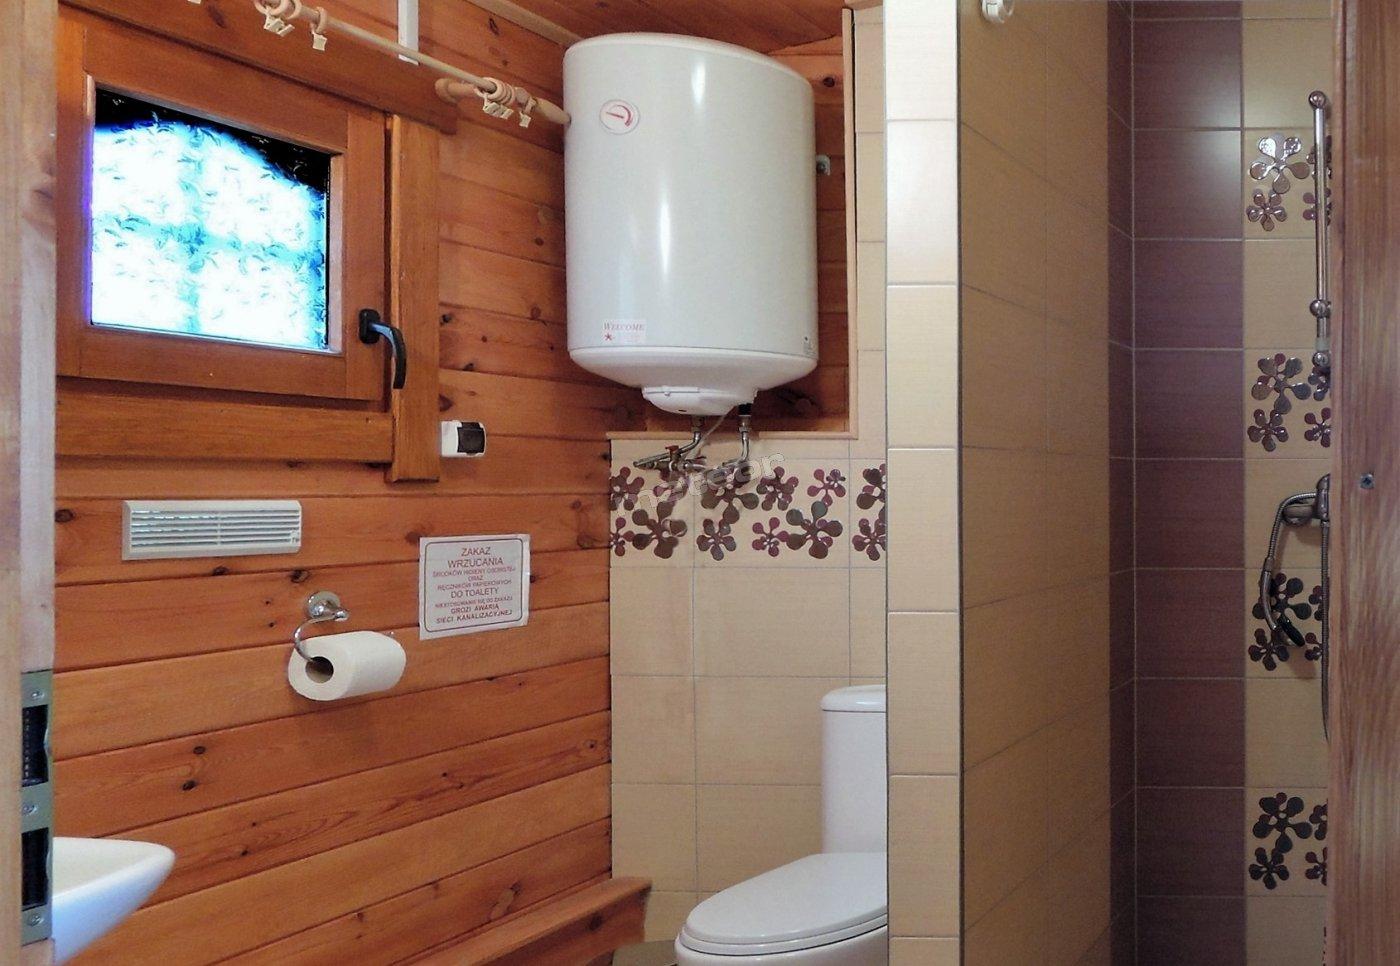 węzeł sanitarny, toaleta, prysznic. Rybakówka